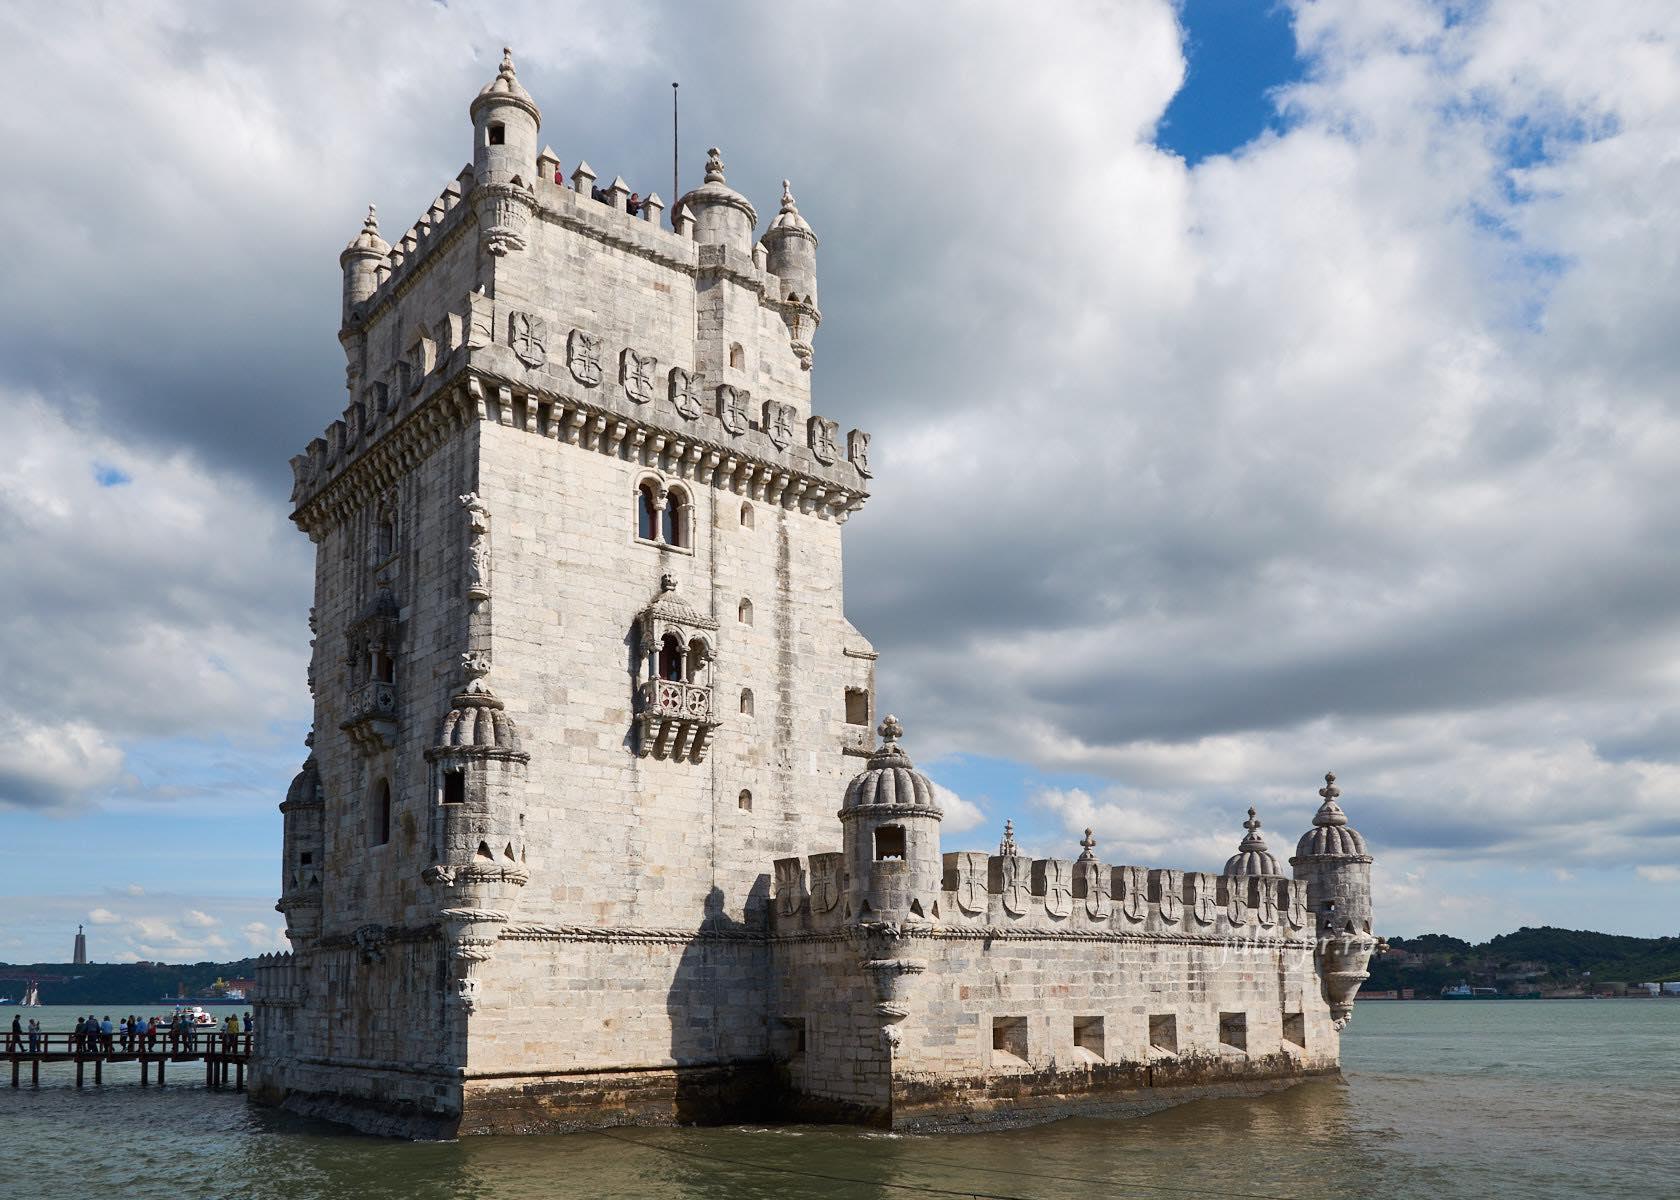 Португалия, Лиссабон, Башня Торре-де-Белен